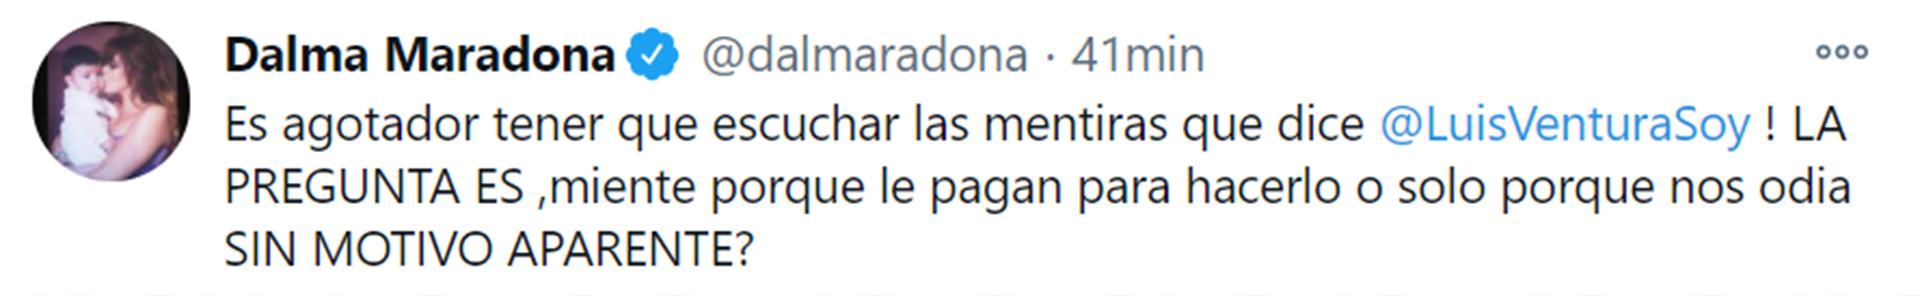 El descargo de Dalma Maradona en Twitter